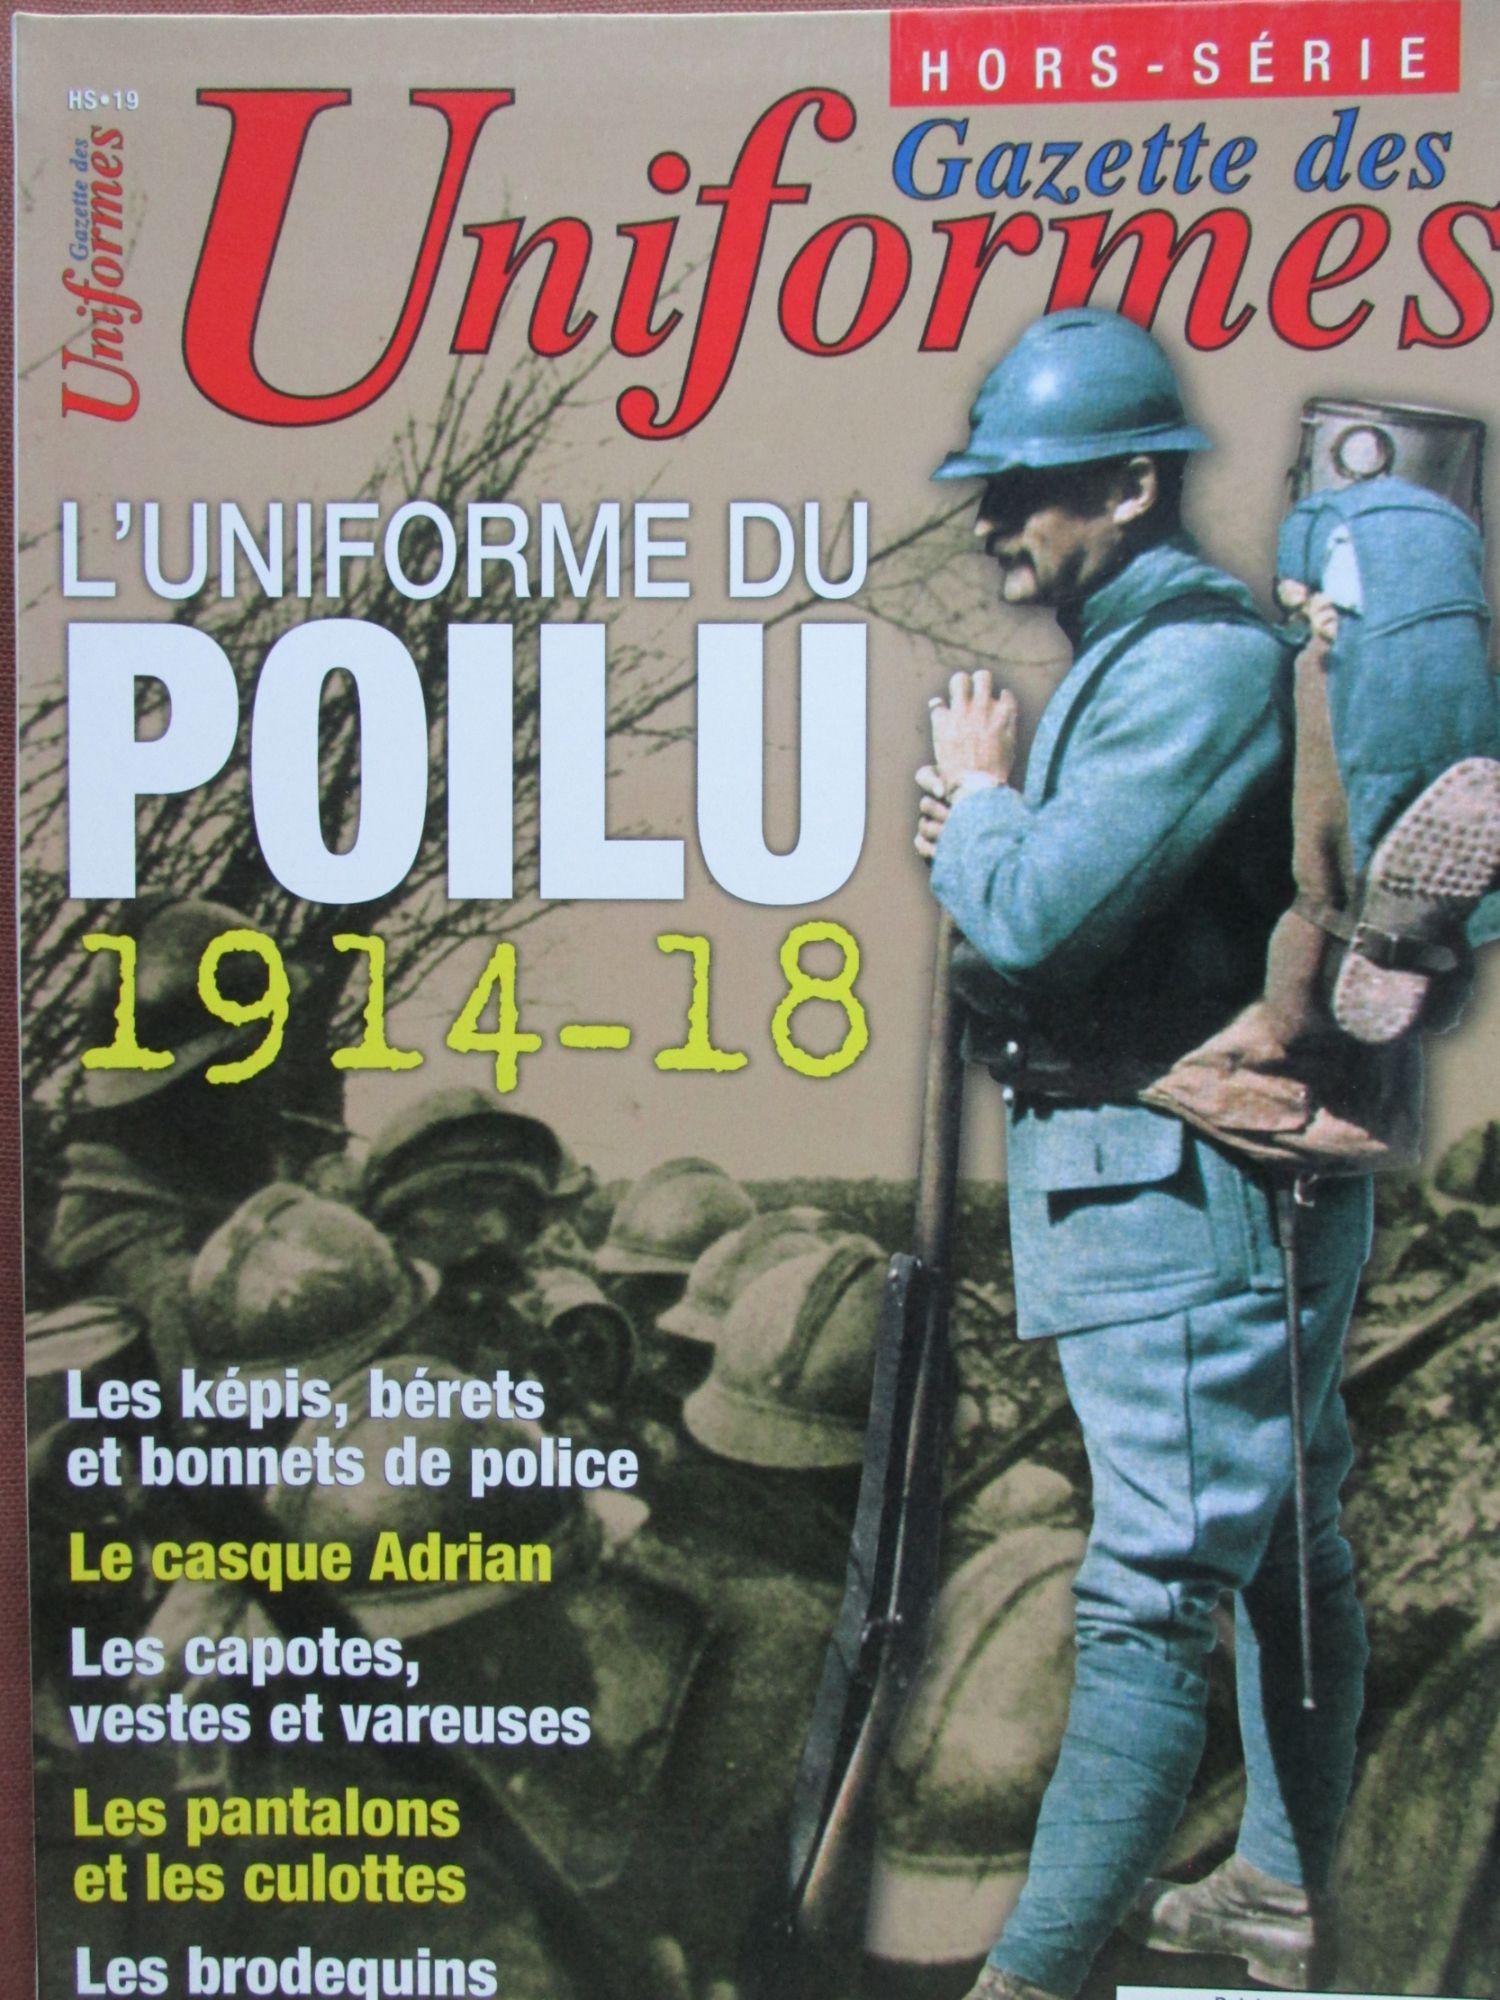 futur uniforme français ww1 - Page 2 1057785049